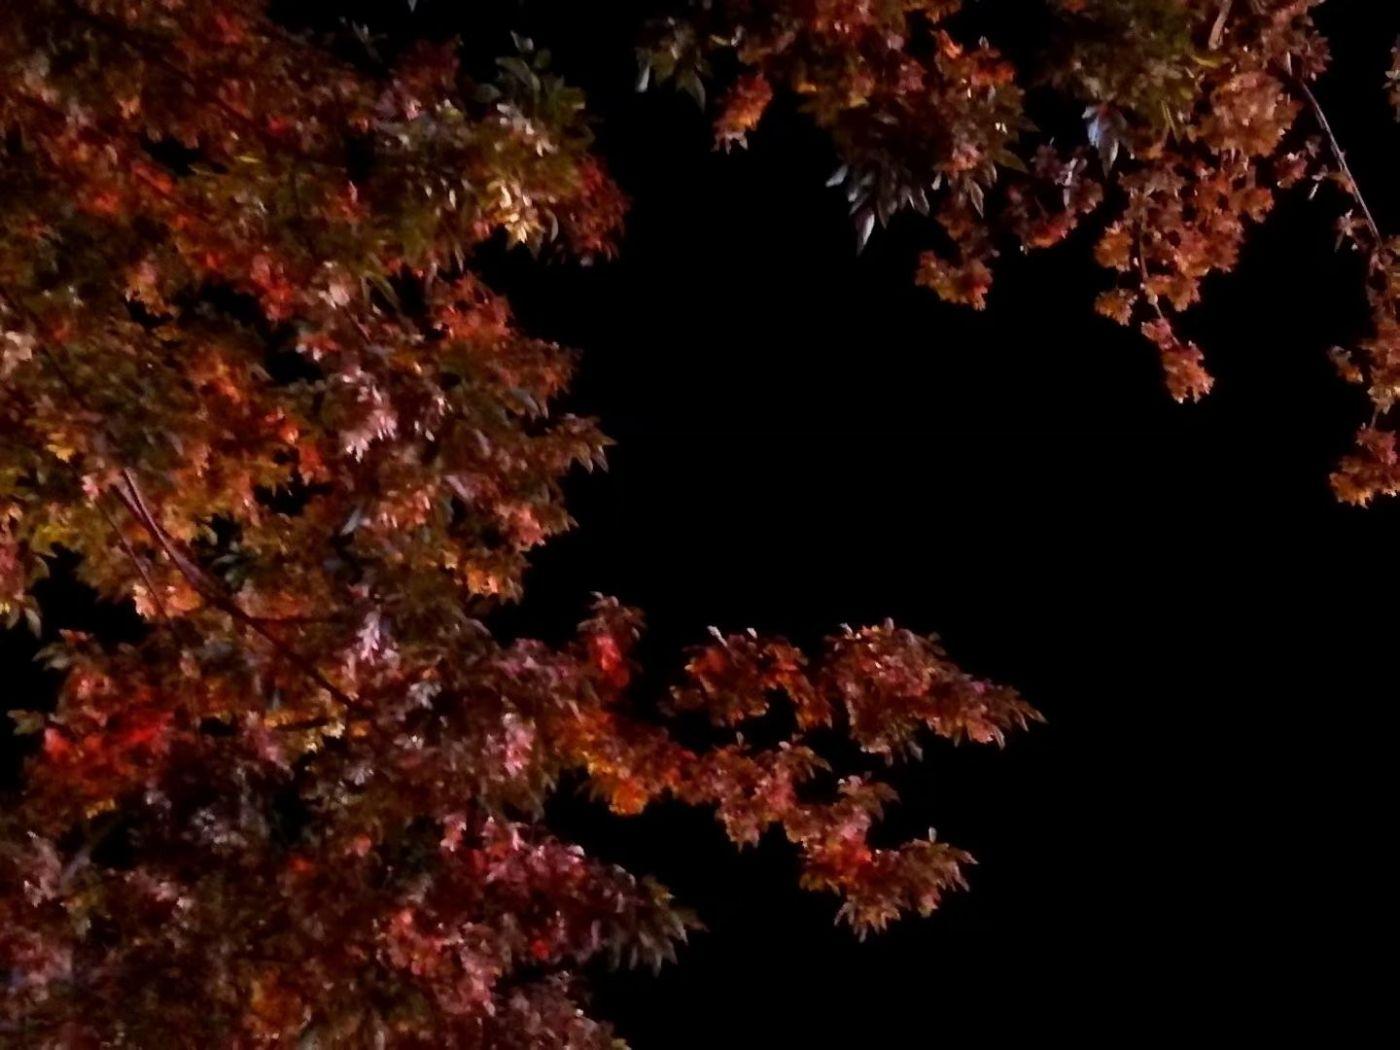 秋夜望秋(图)_图1-7